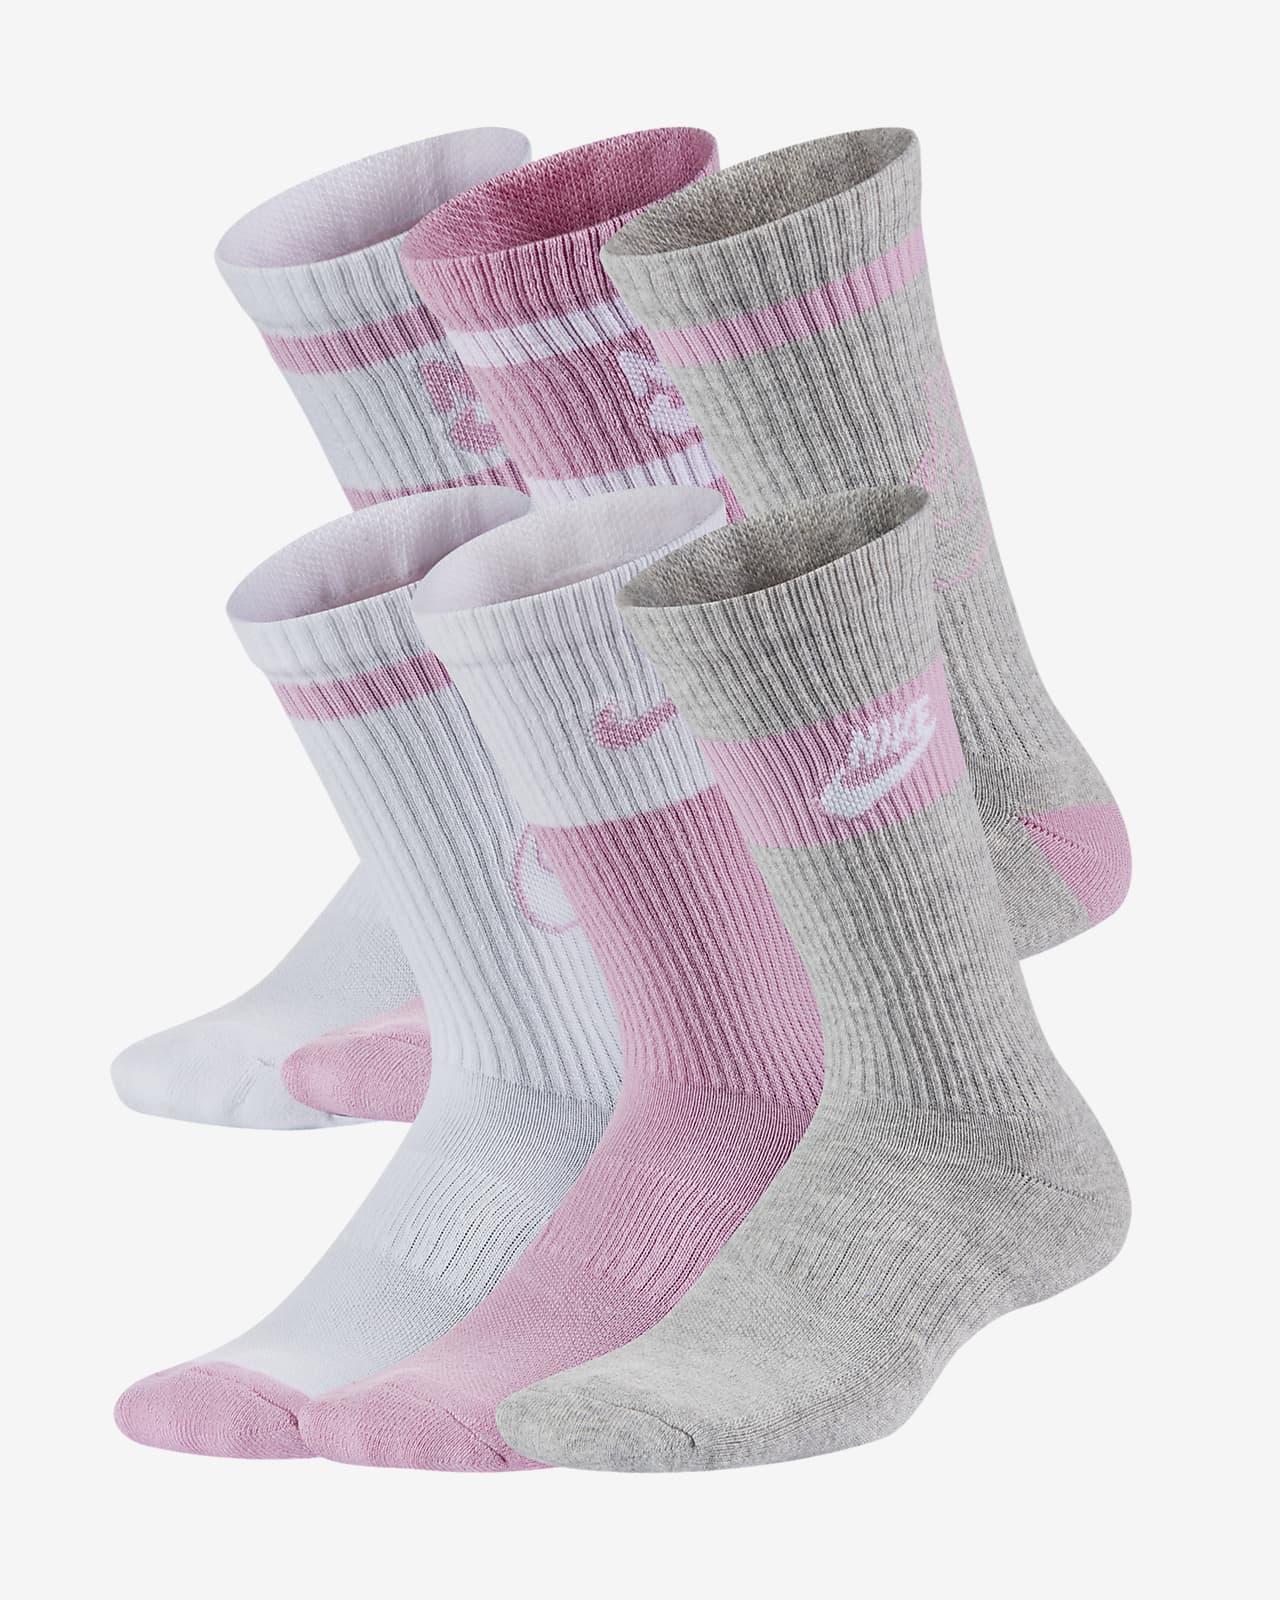 Dětské středně vysoké polstrované ponožky Nike Everyday (6 párů)